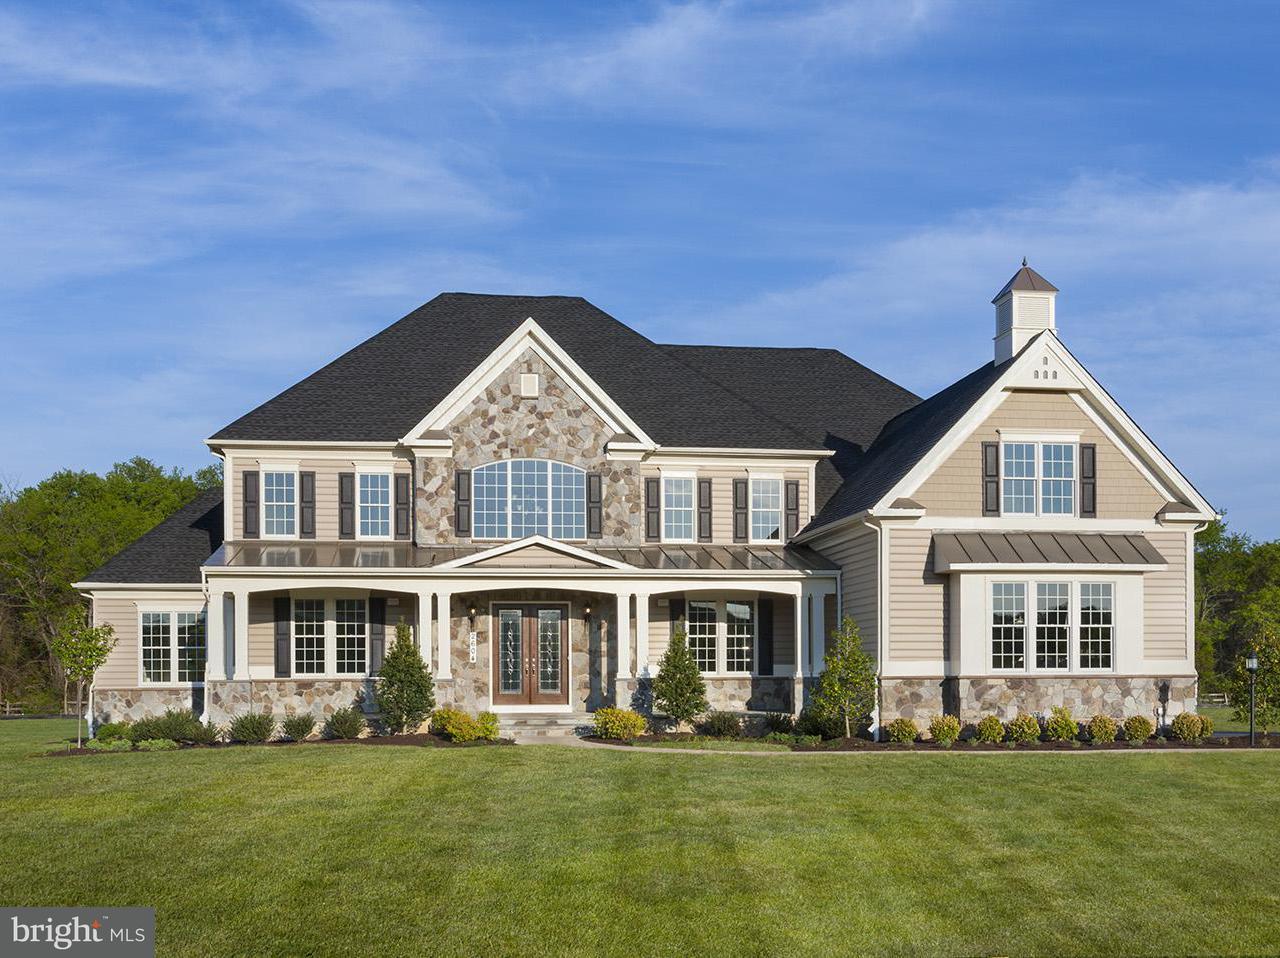 단독 가정 주택 용 매매 에 16658 Bridle Ridge Lane 16658 Bridle Ridge Lane Olney, 메릴랜드 20832 미국